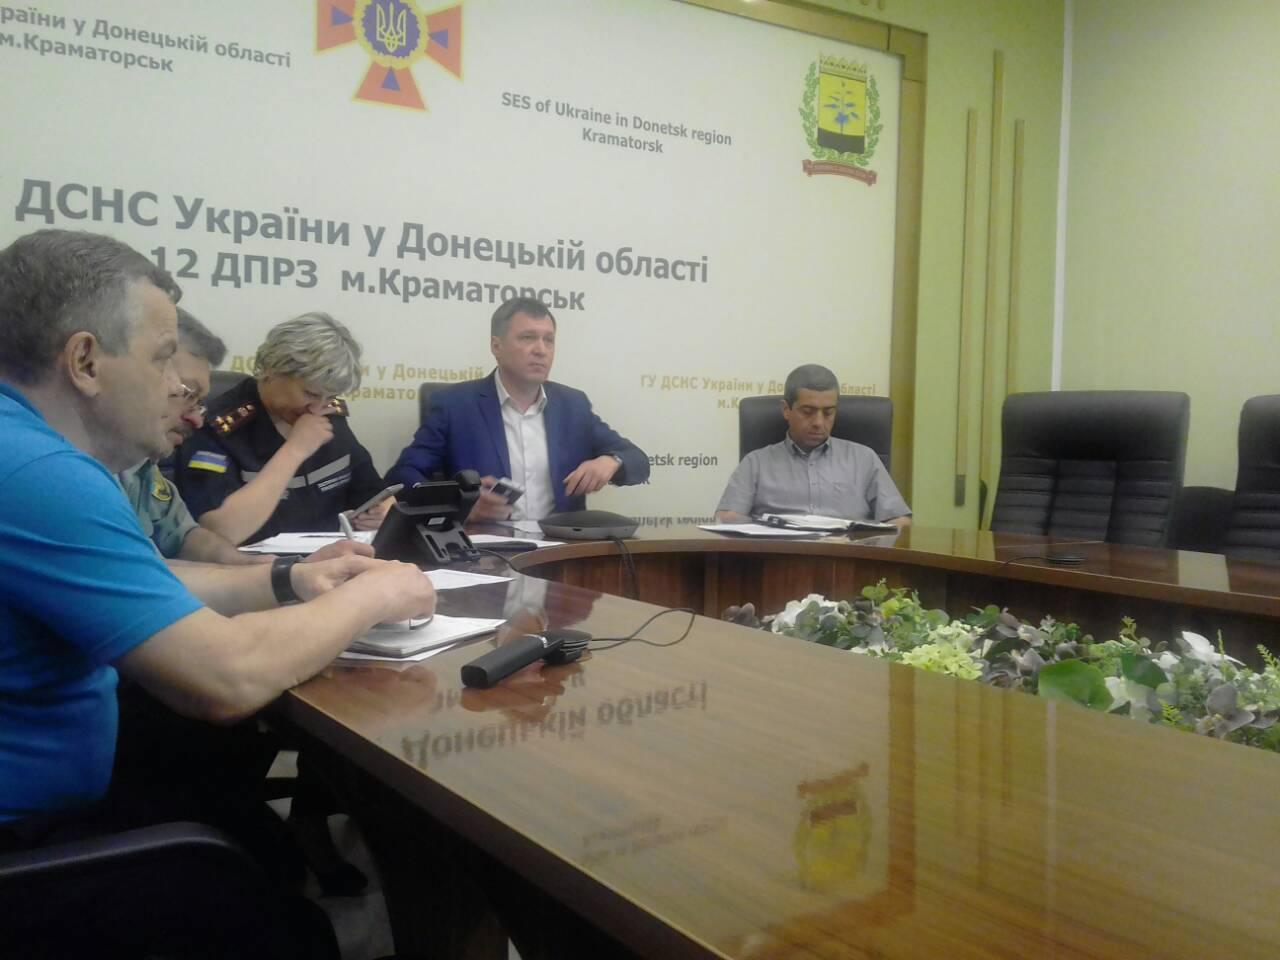 Департамент прийняв участь в позачерговому засіданні Державної комісії з питань техногенно-екологічної безпеки та надзвичайних ситуацій